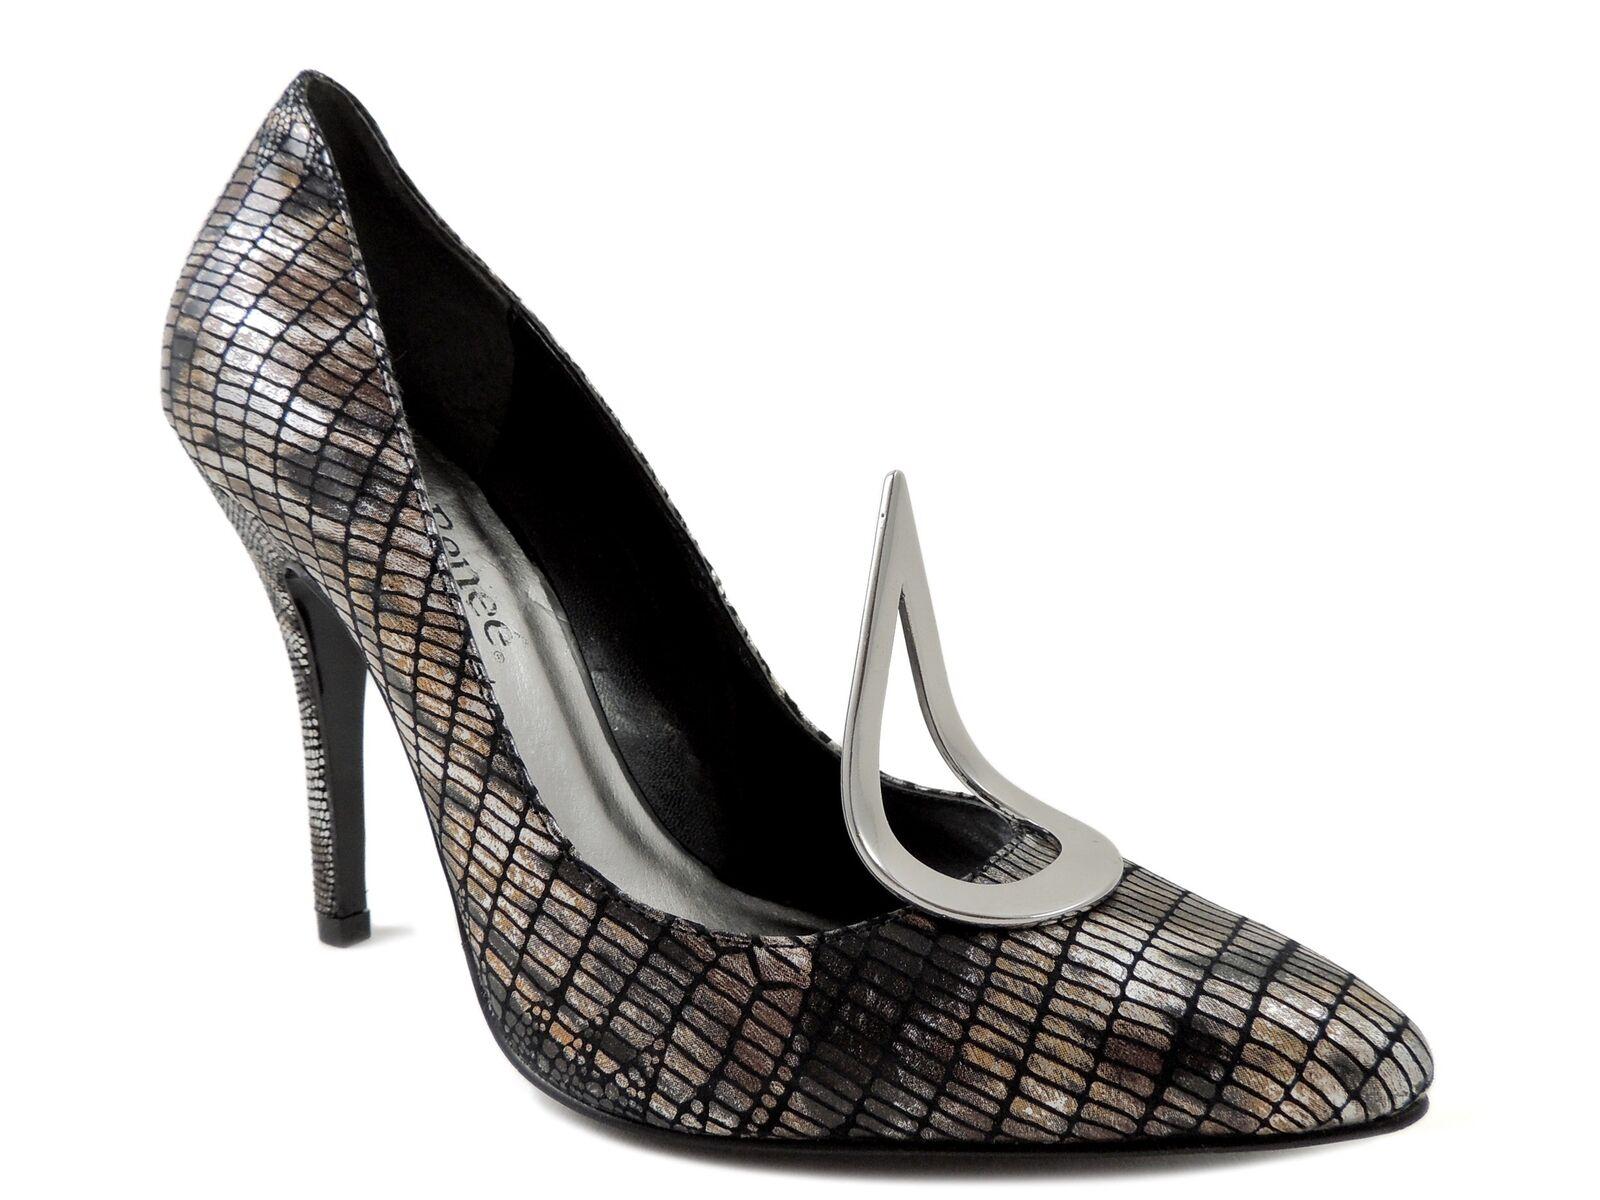 J. Renee para mujeres Cuero Estampado Serpiente Serpiente Serpiente homenaje bombas marcado tamaño 6.5 M  compra limitada